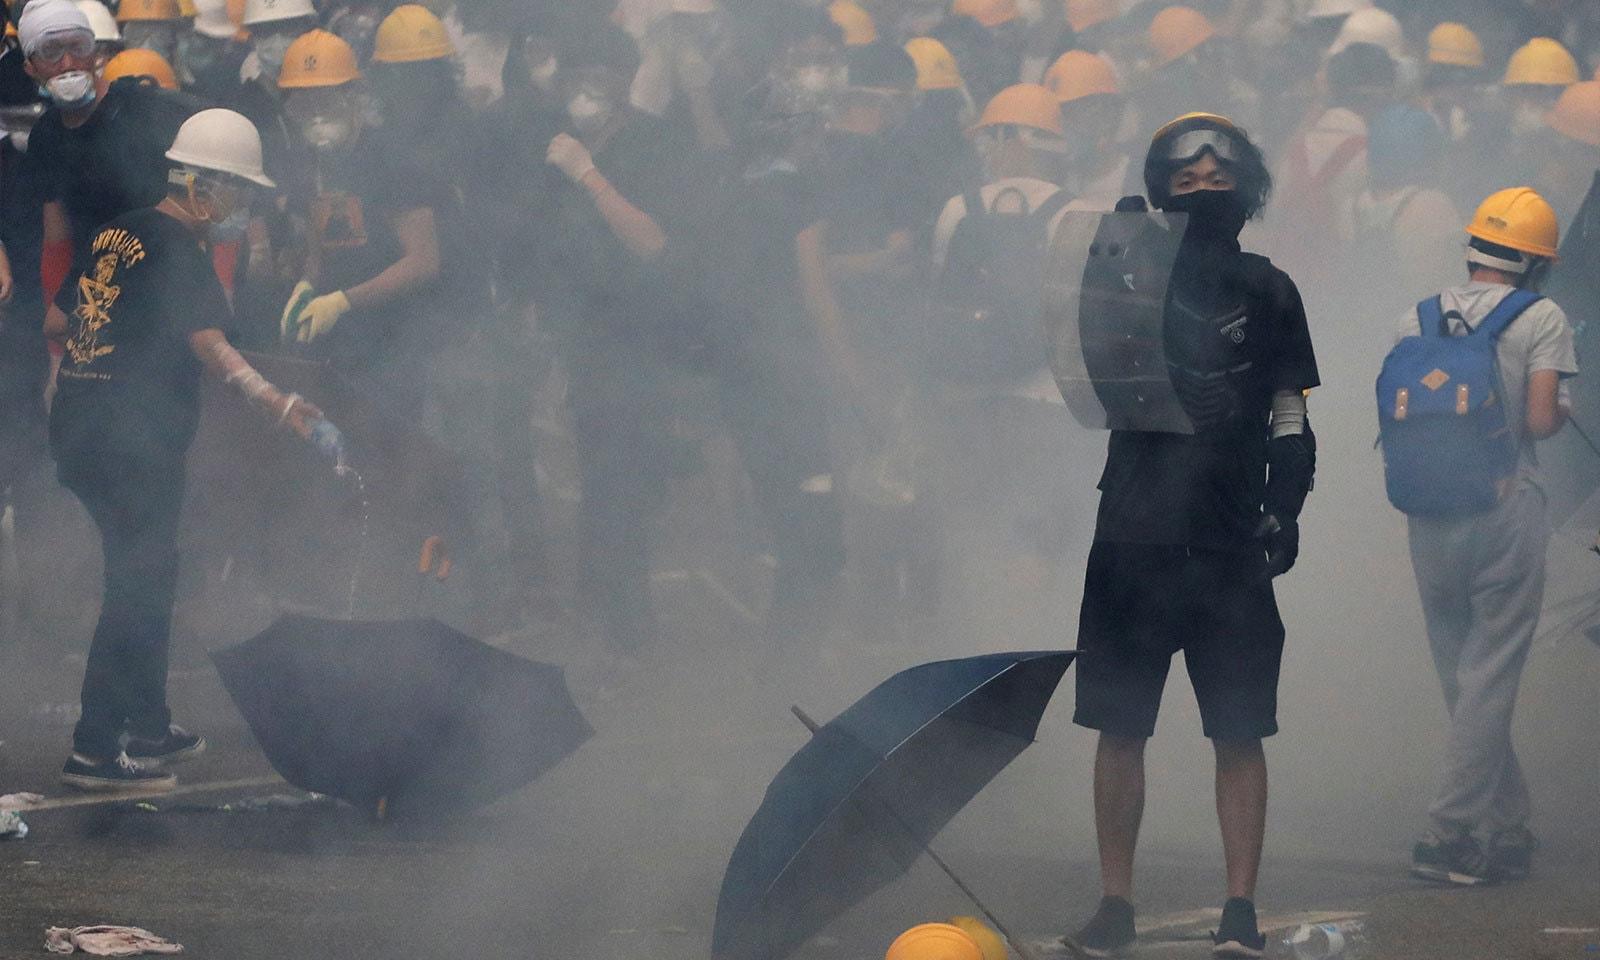 گزشتہ روز احتجاج میں پولیس نے مظاہرین پر آنسو گیس کی شیلنگ کی — فوٹو: رائٹرز